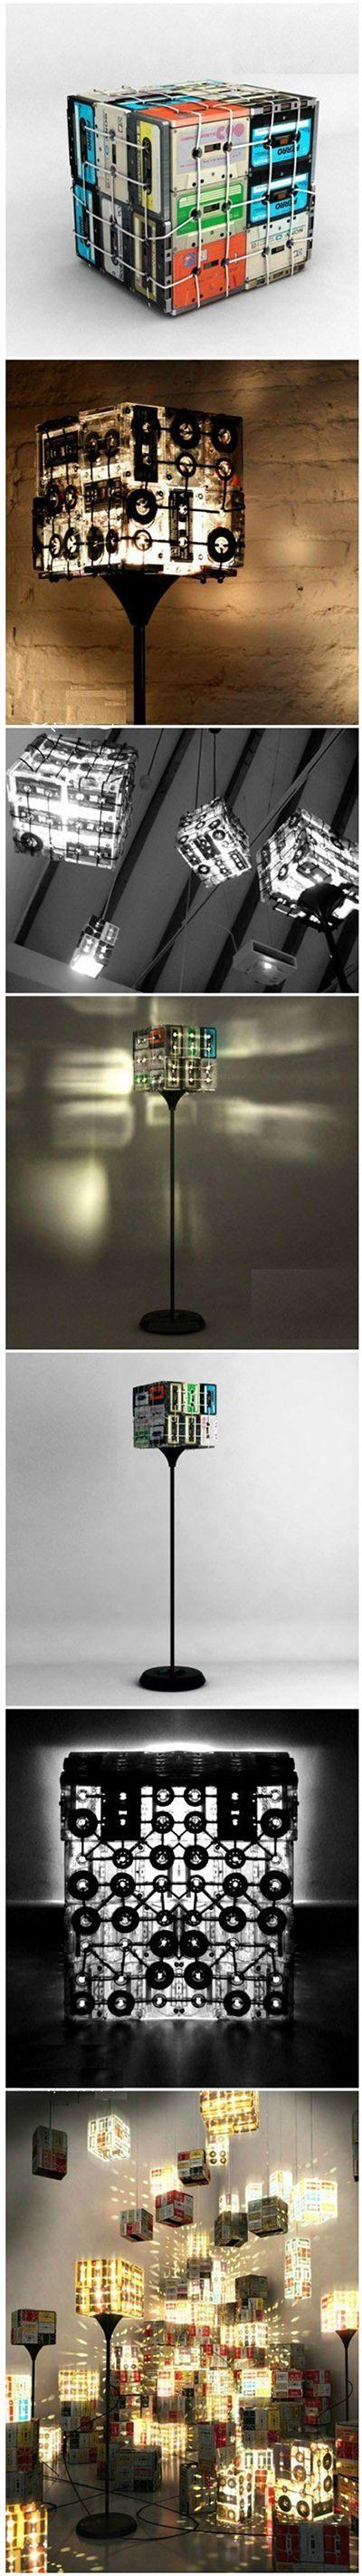 Retro #Lampe aus #Kassetten, die sich auch ohne große #DIY Erfahrung einfach selbst machen lässt!